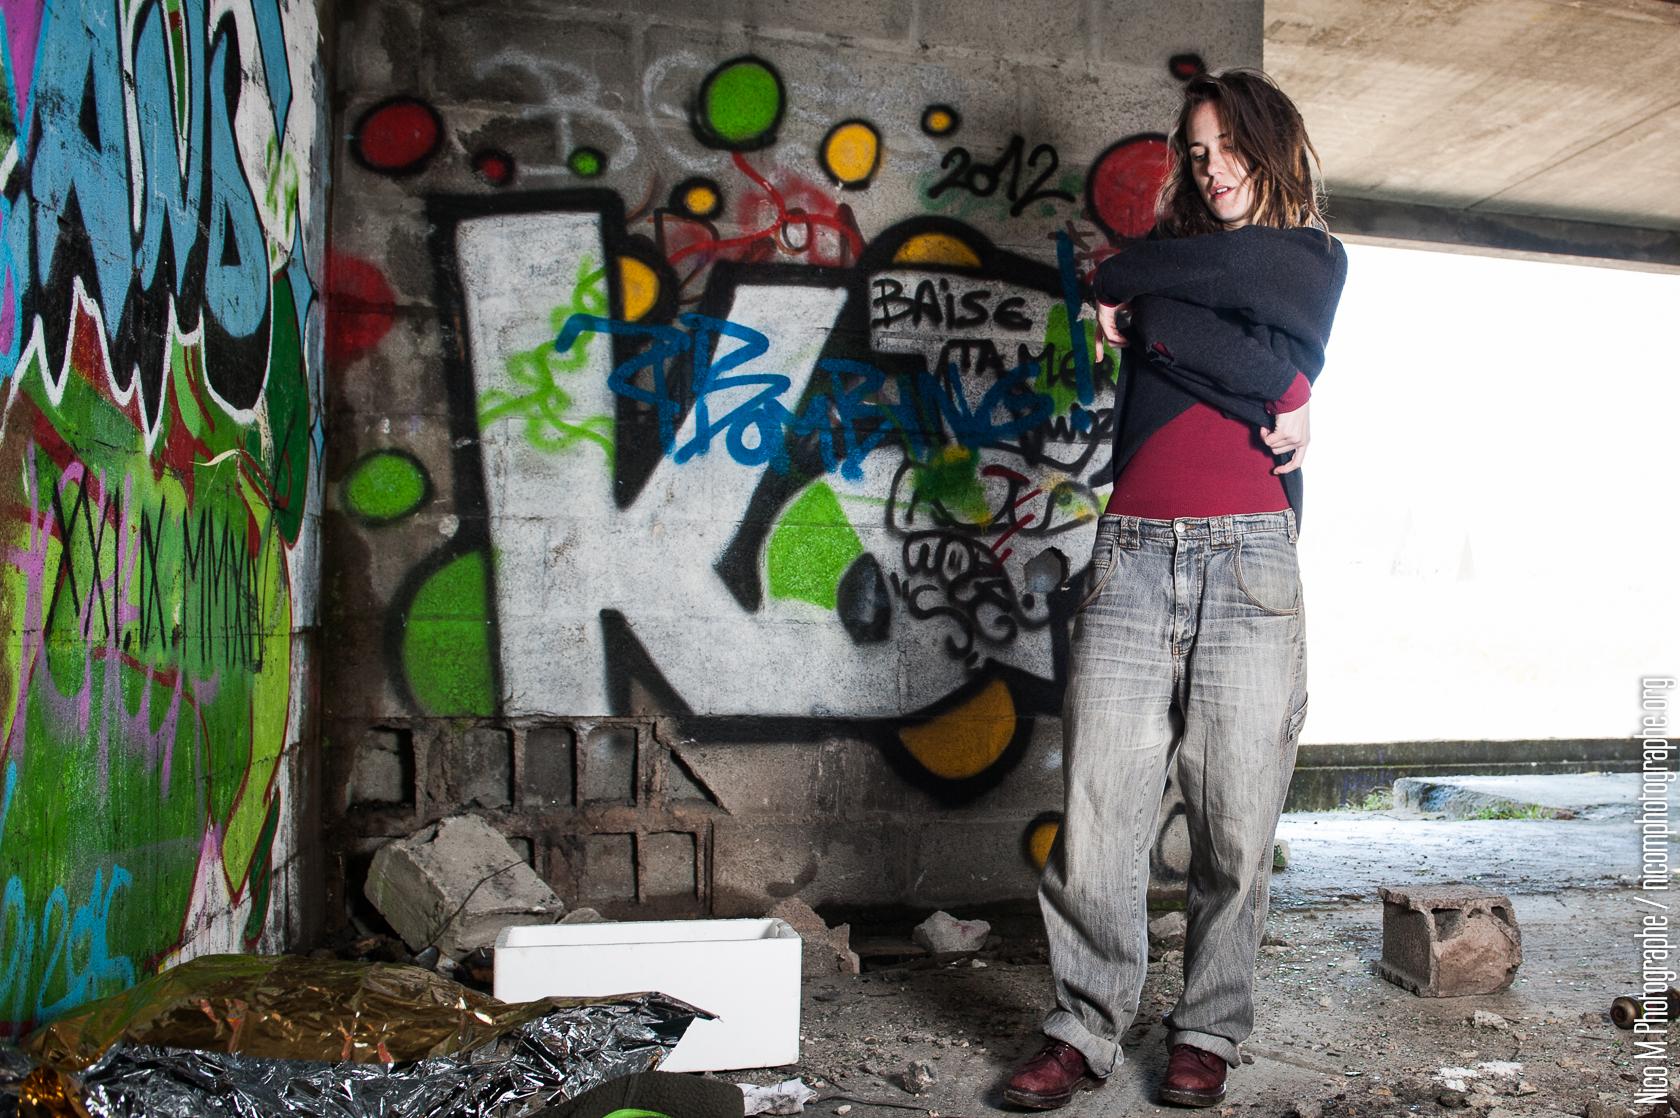 le royaume d Elle, Nico M Photographe-20